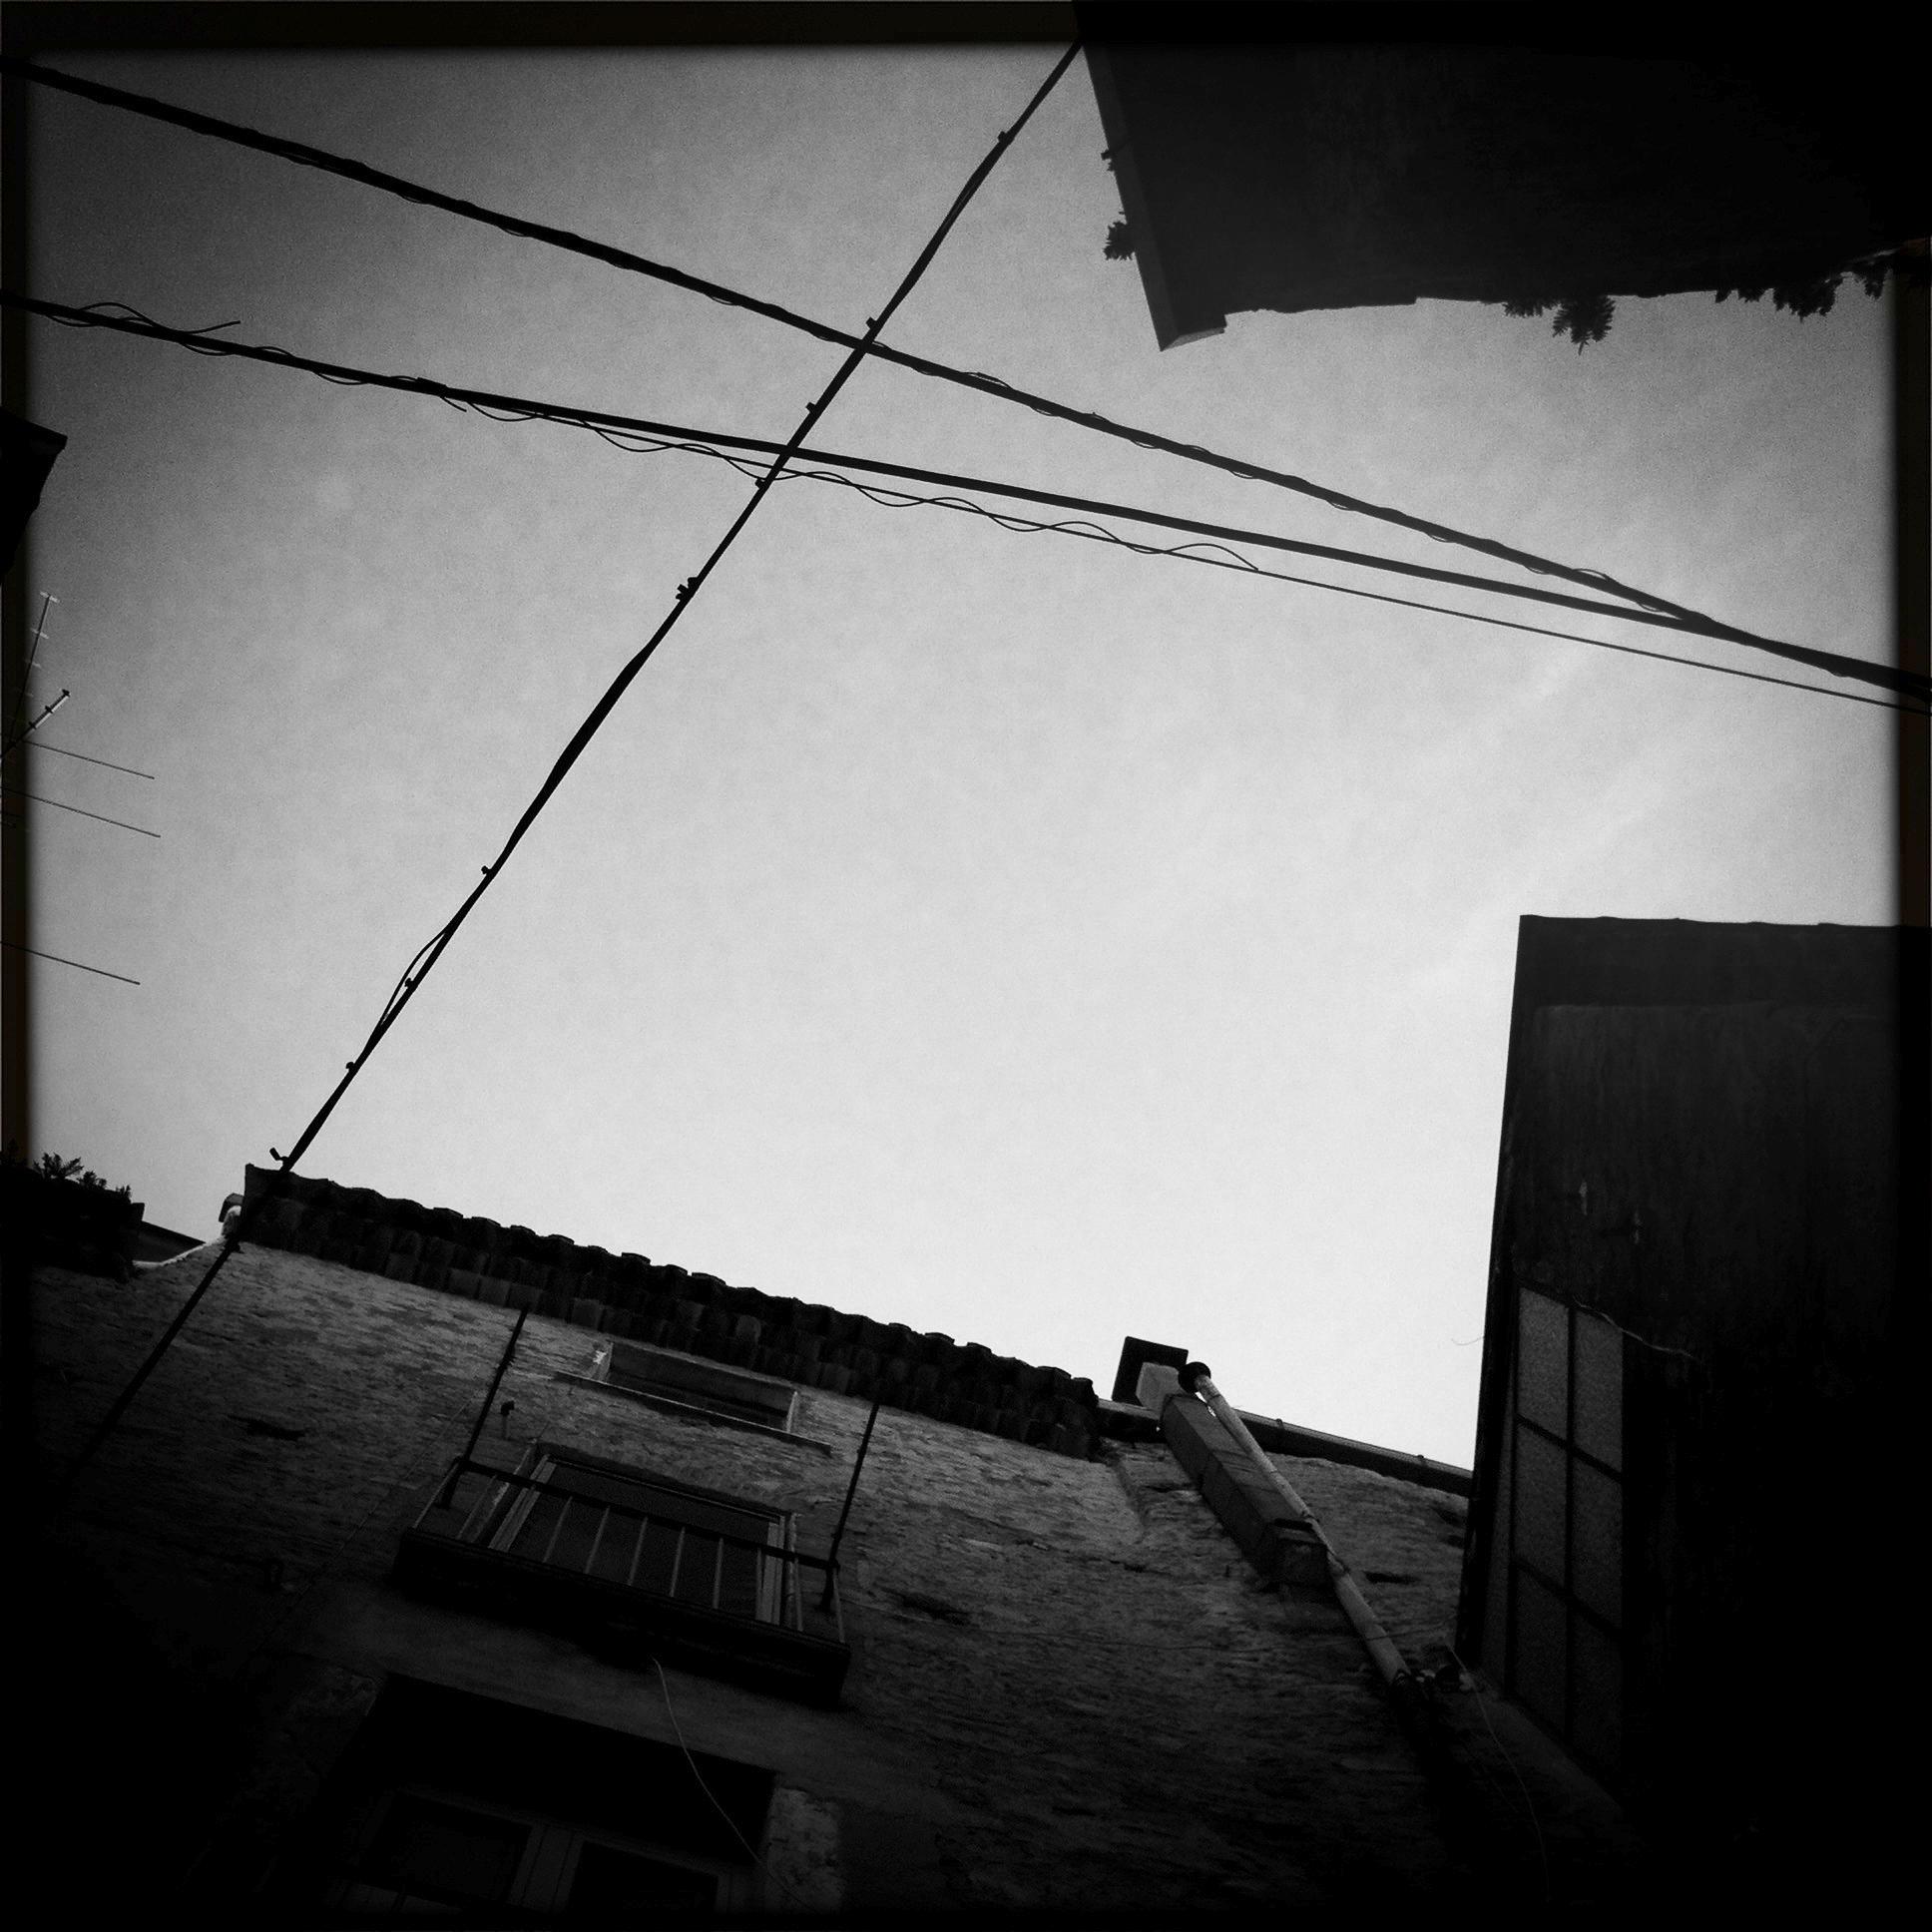 Riqualificazione Piazza San Pantaleone Proposte al Sindaco di domani